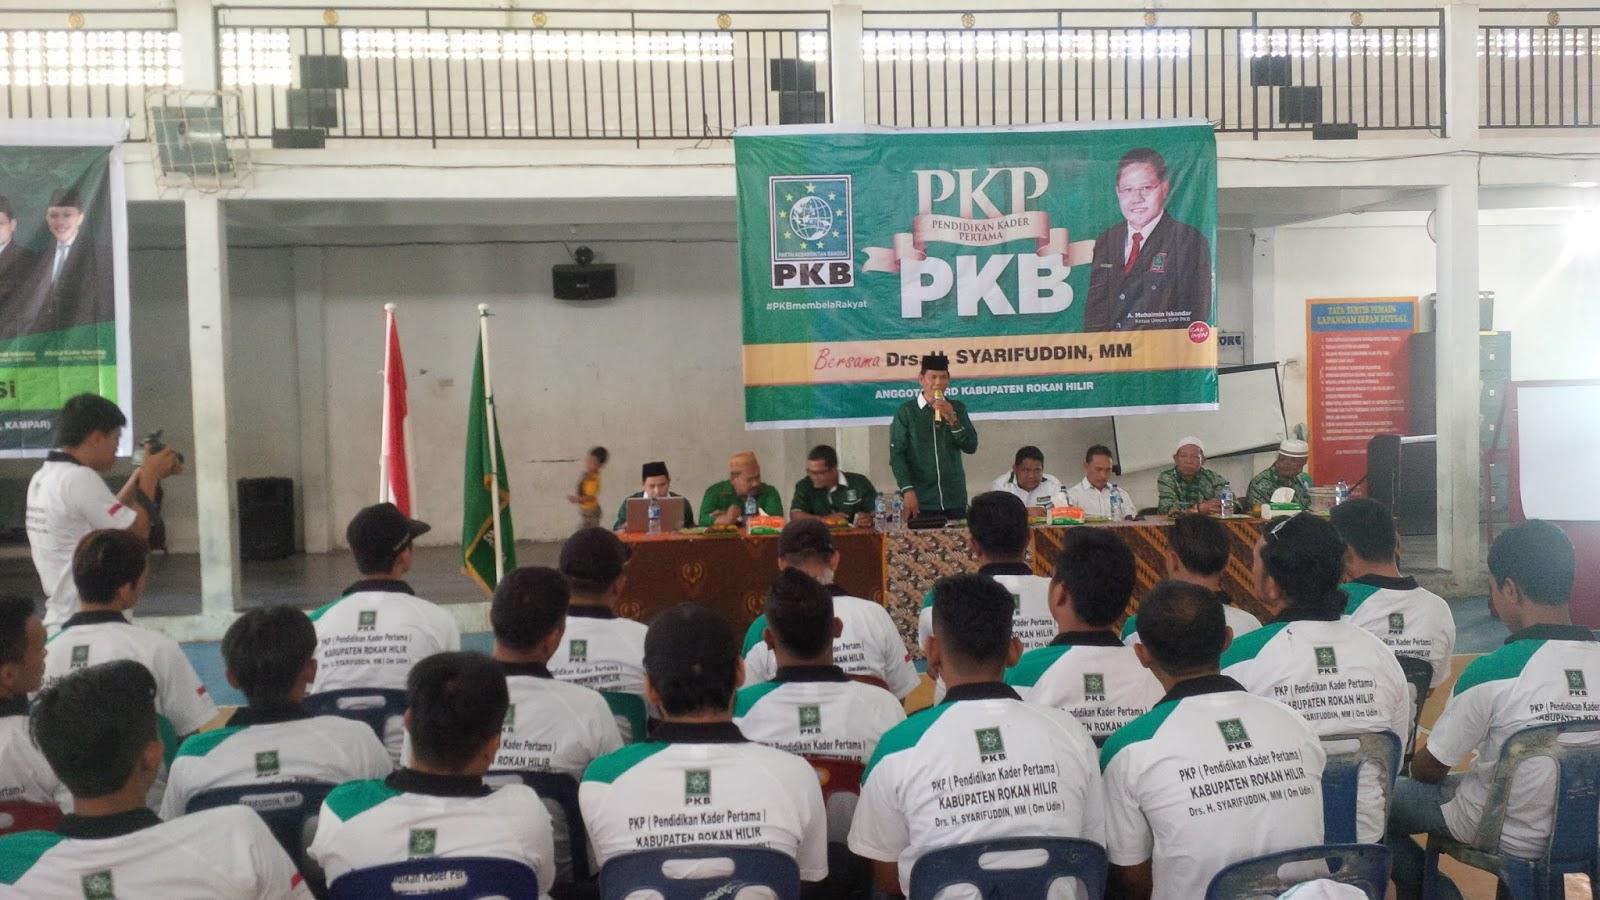 Hasil gambar untuk pkb hd